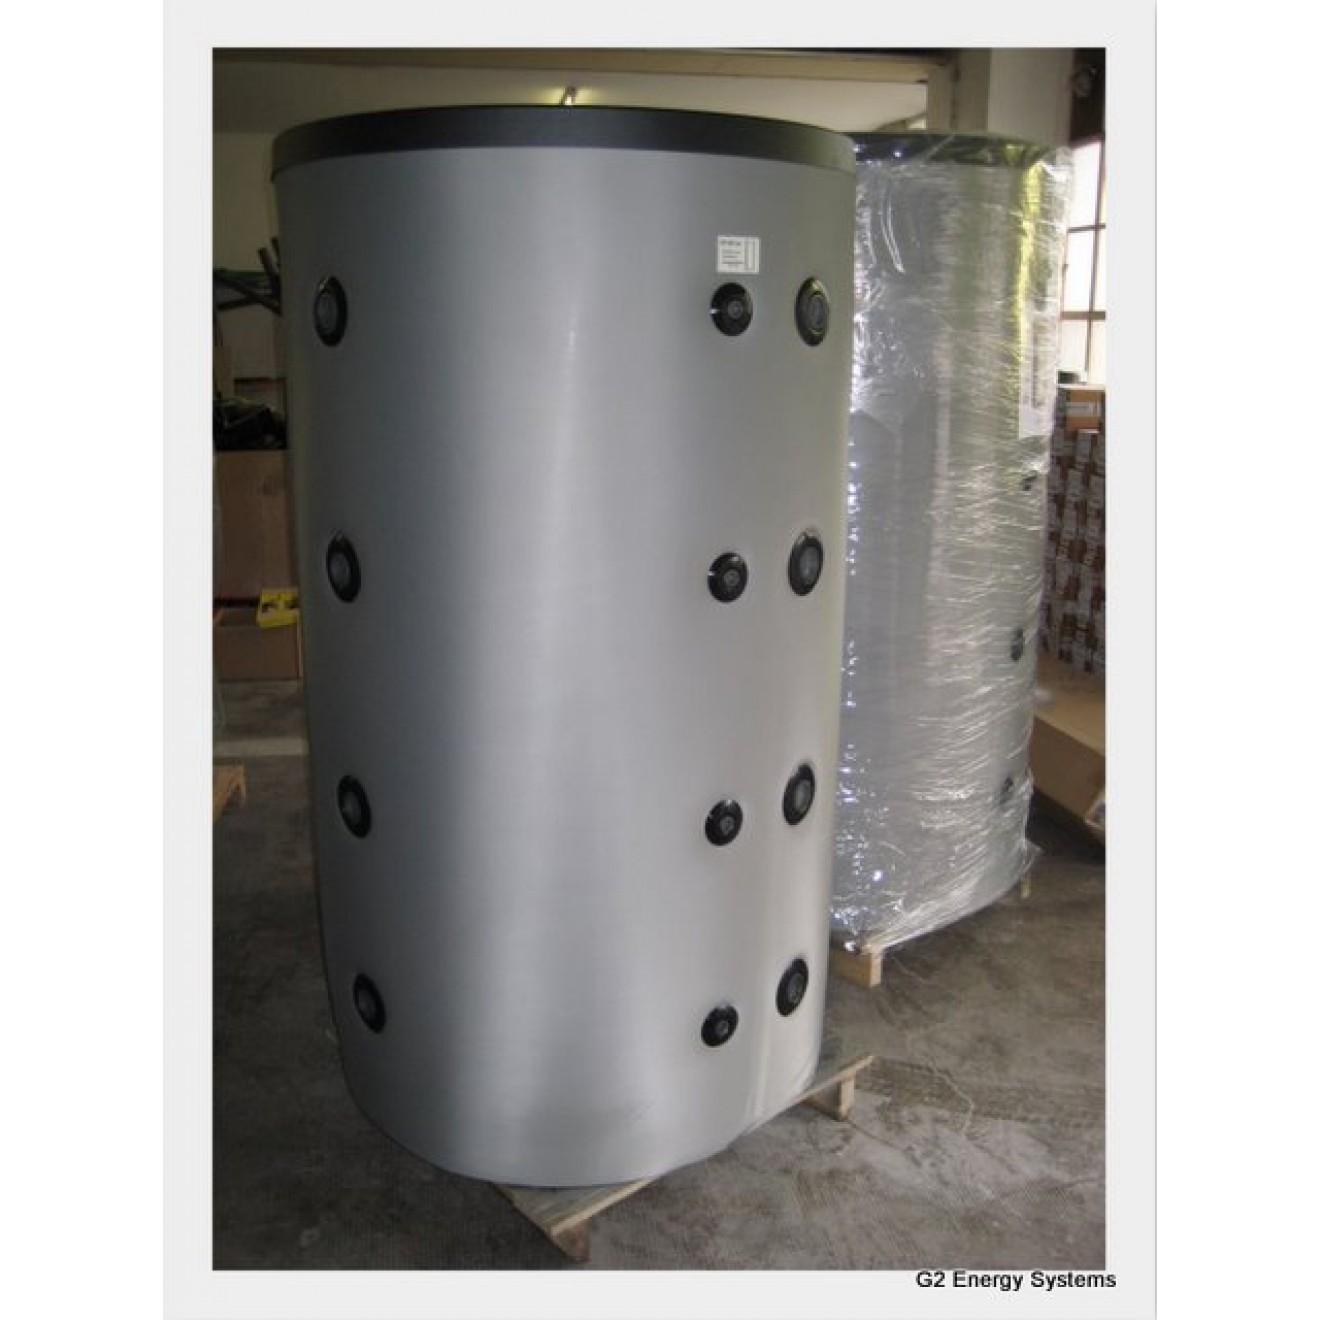 1000 liter pufferspeicher mit 2 w rmetauschern g2 energy. Black Bedroom Furniture Sets. Home Design Ideas